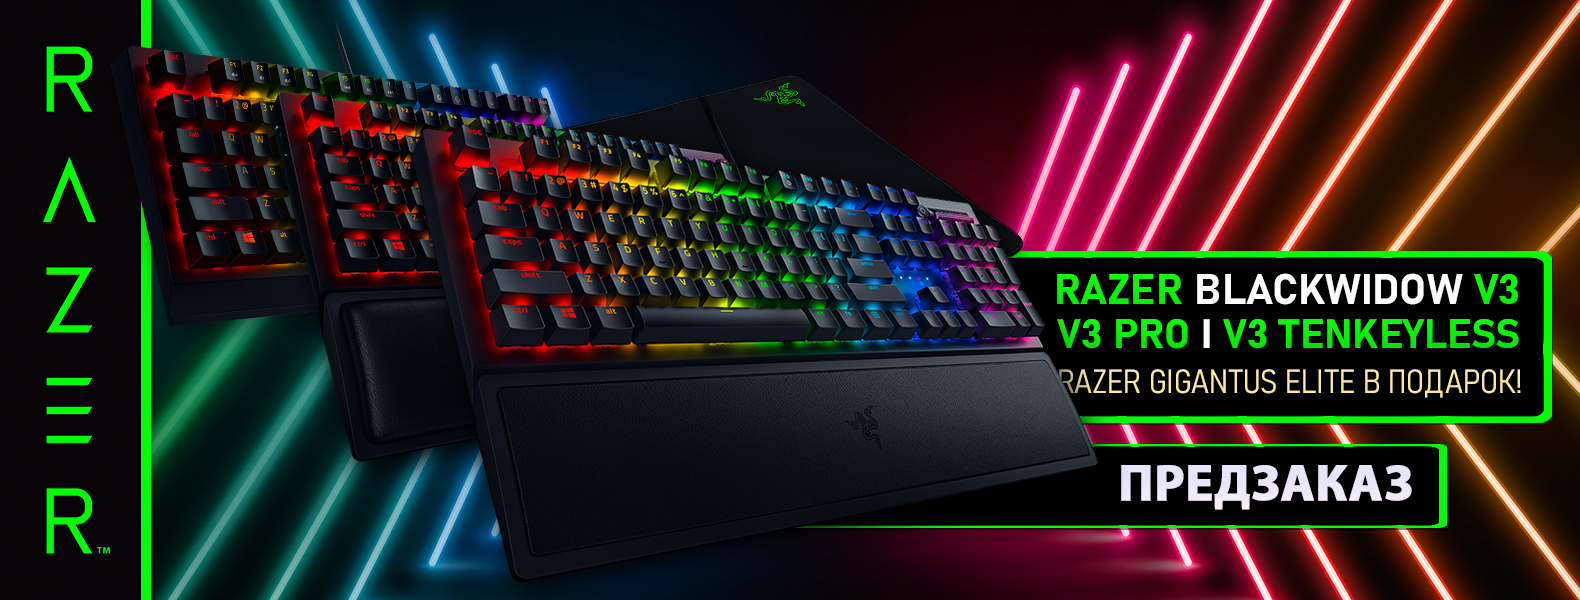 Подарок при предзаказе клавиатур Razer BlackWidow V3!